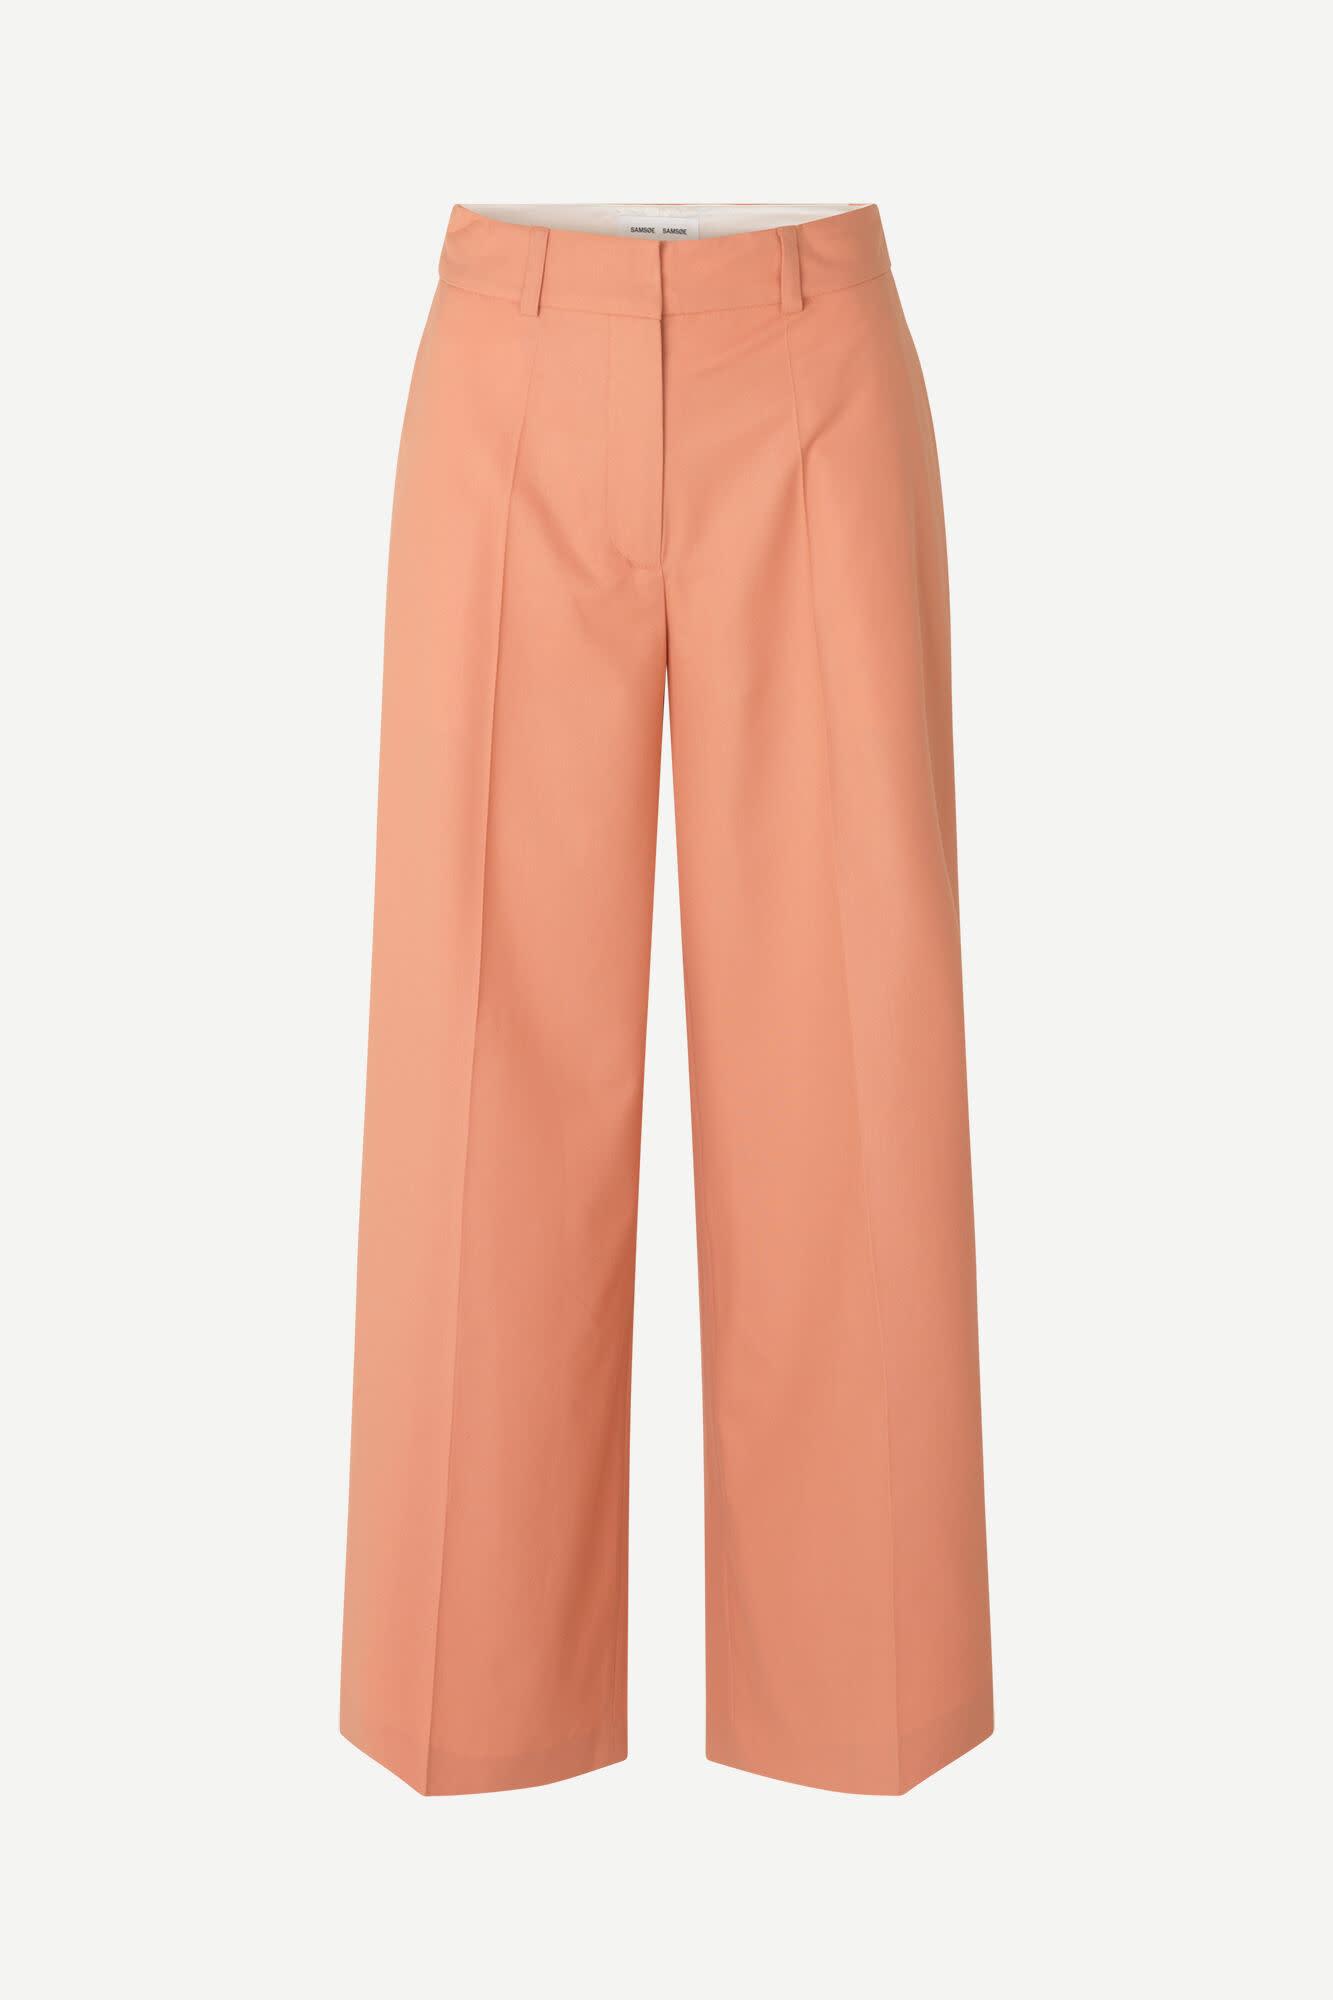 Zepherine Golden Ochre Trousers-2